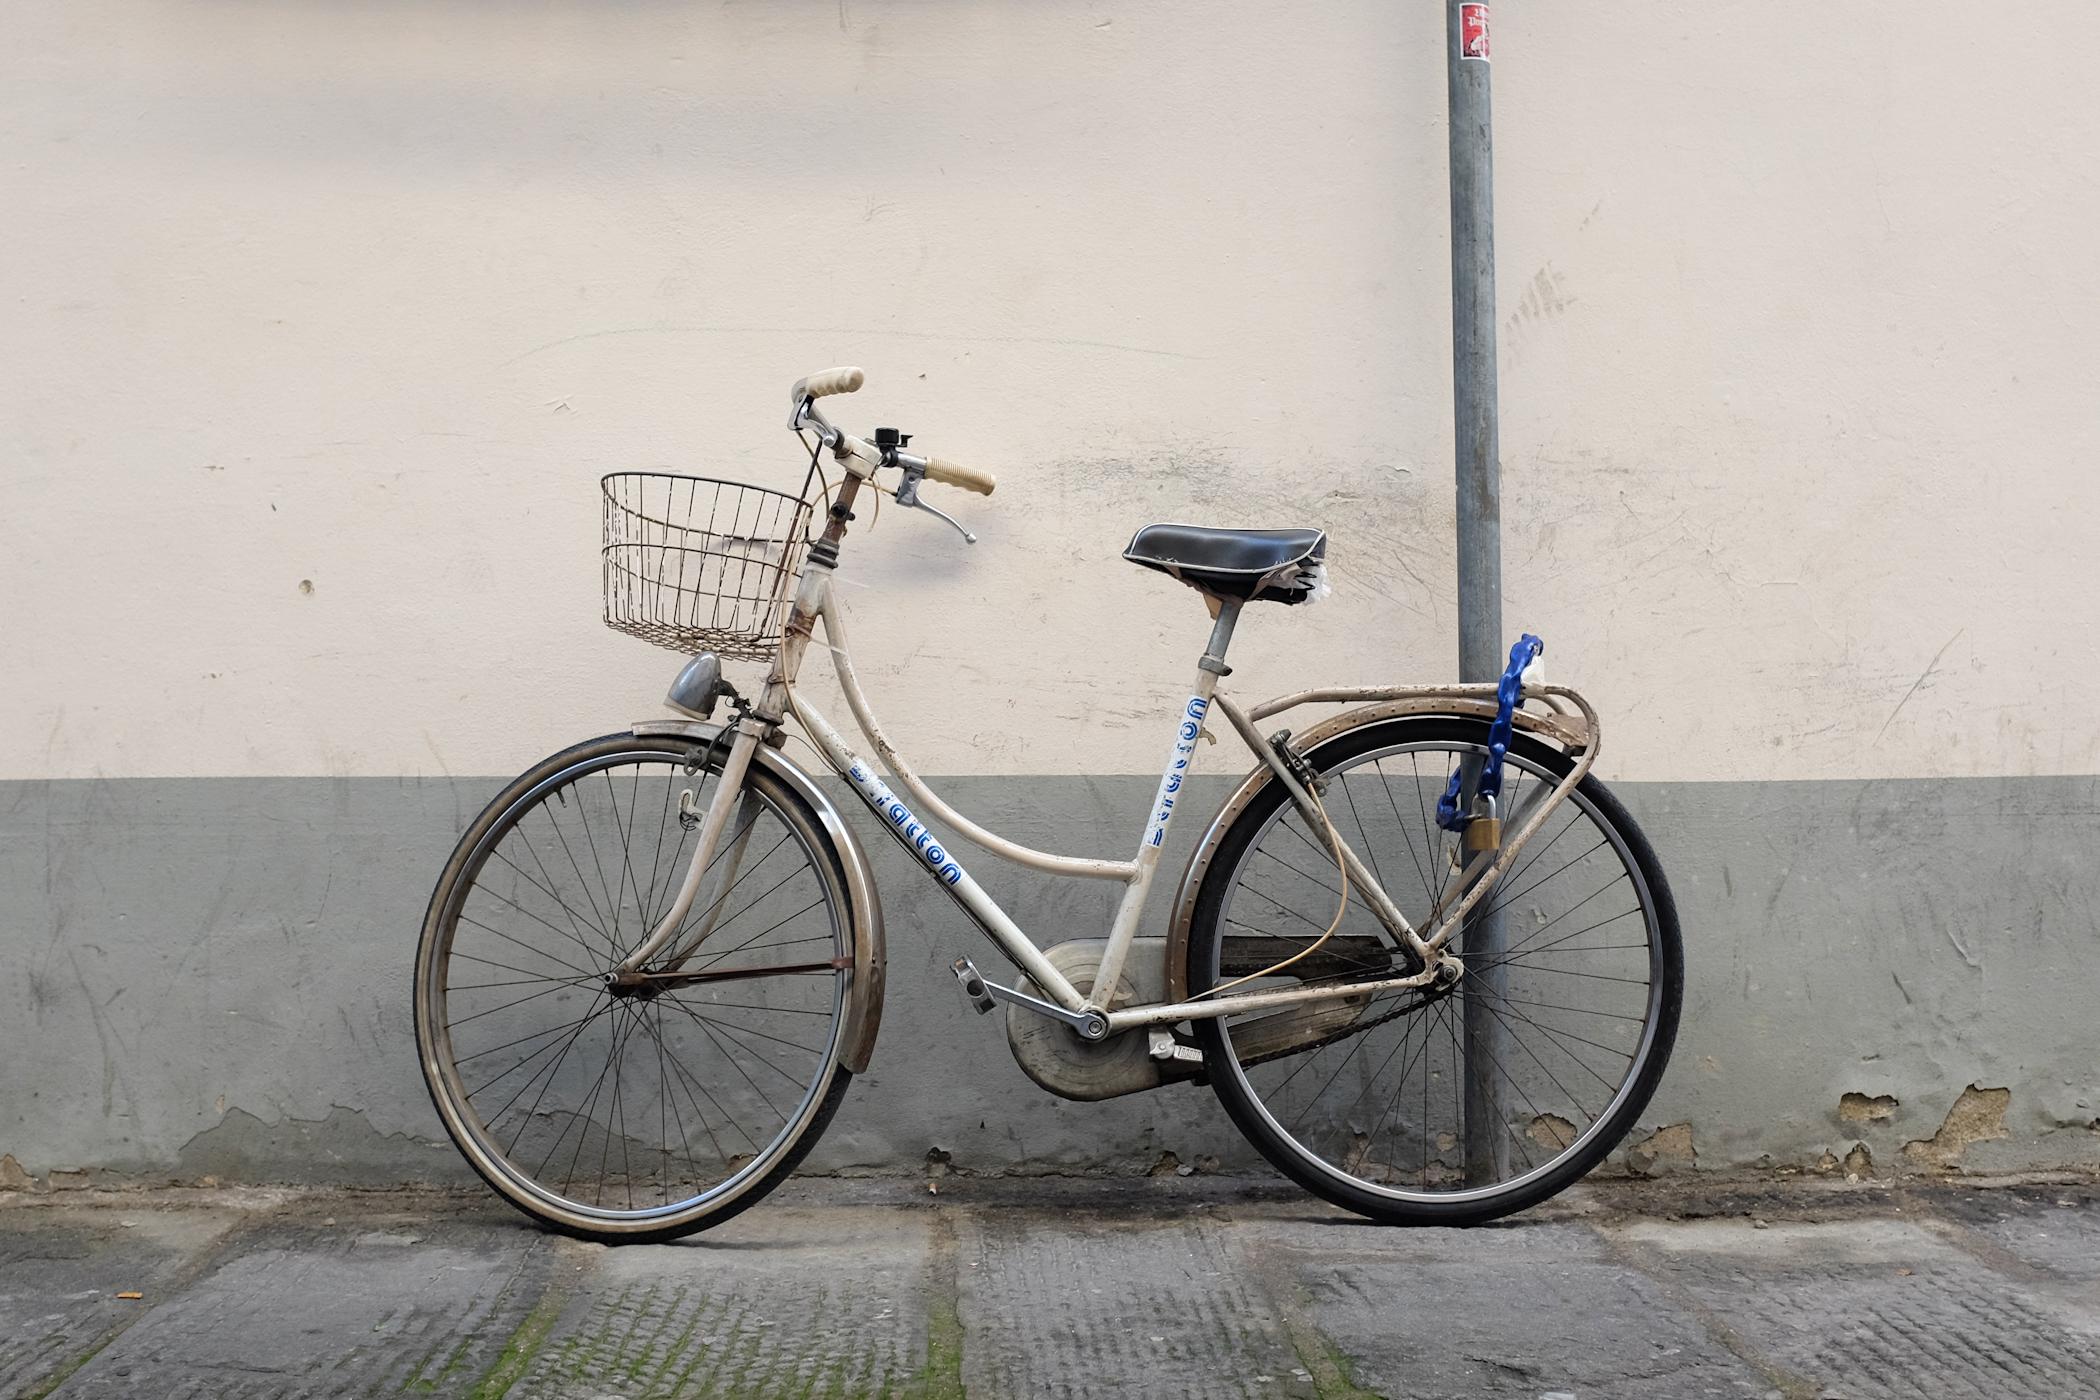 palermo bicicletti di firenze jan15-24.jpg